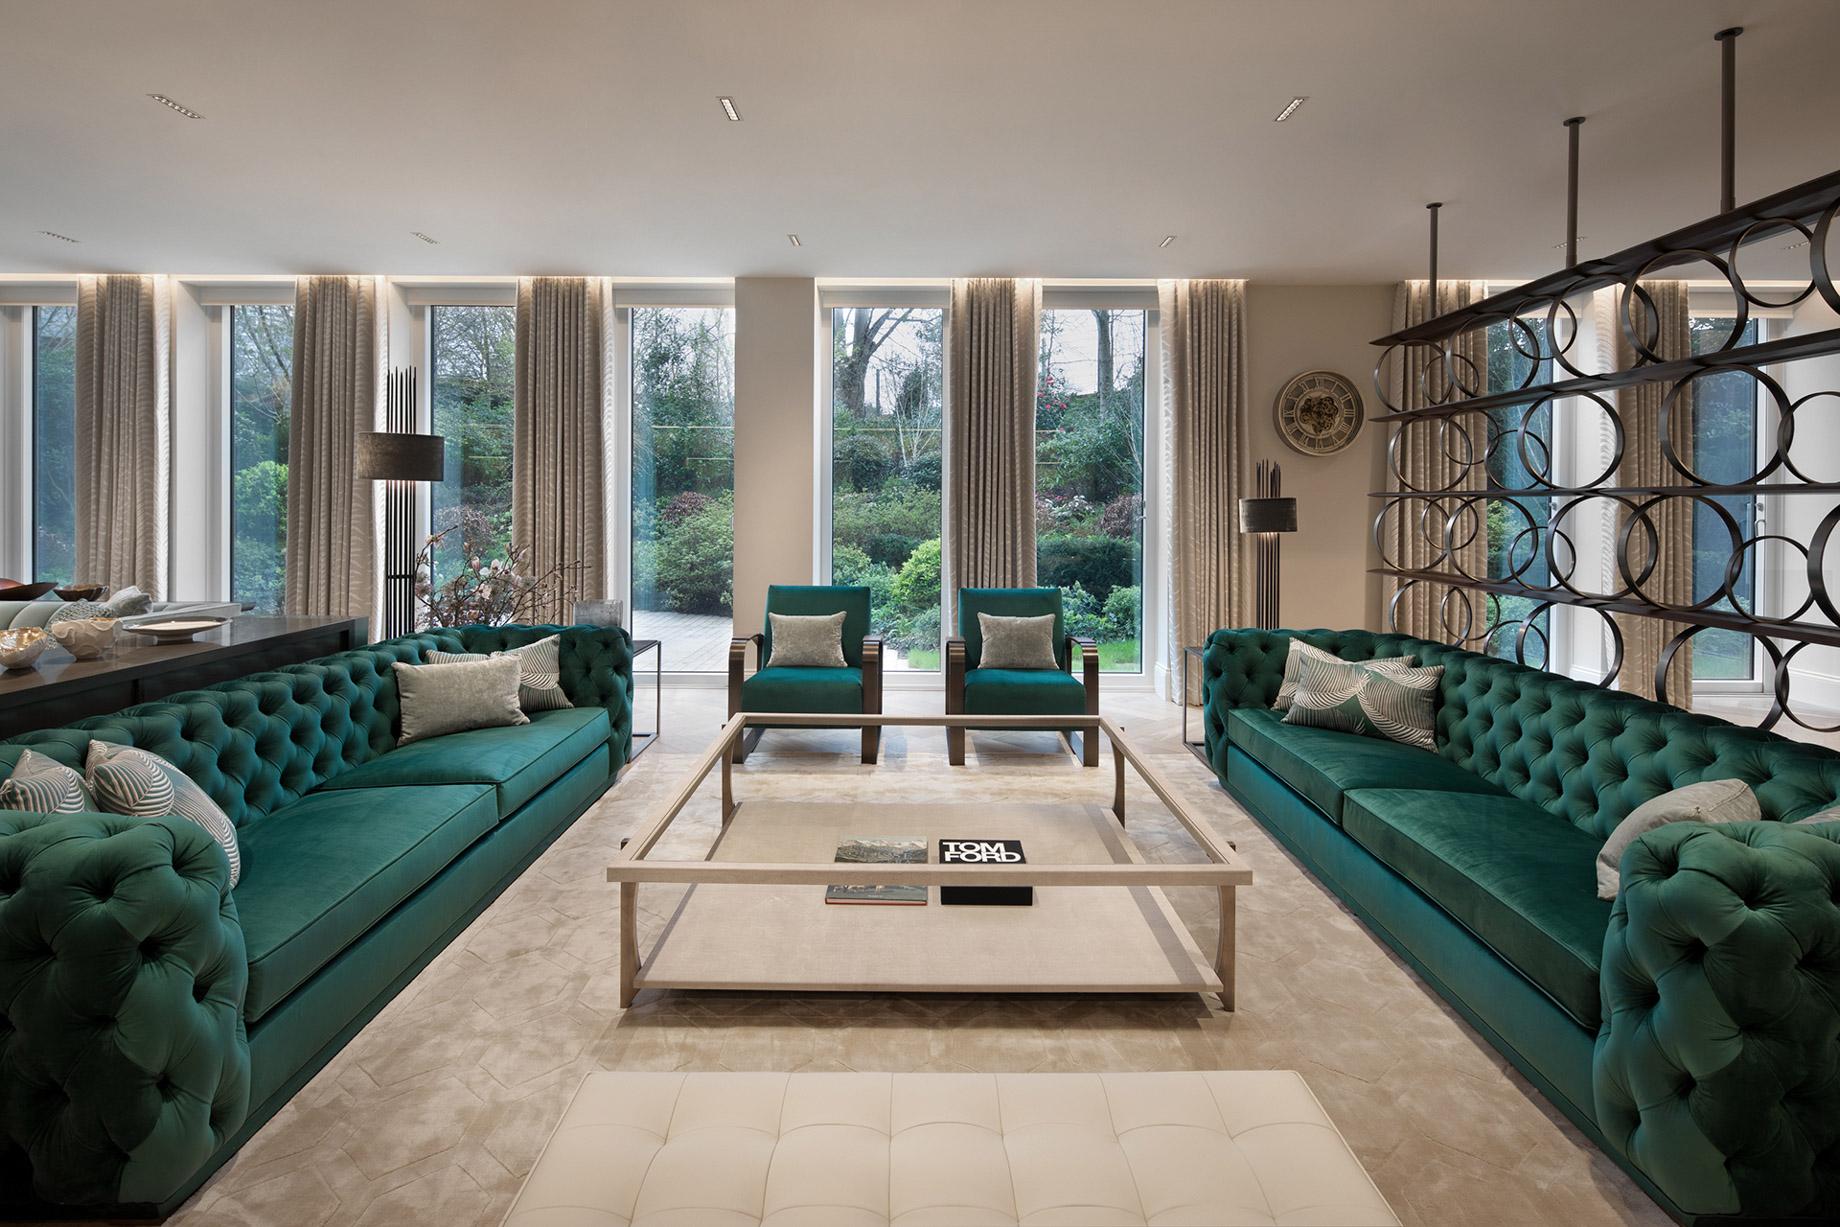 Luxury Villa Living Room - Indonesia